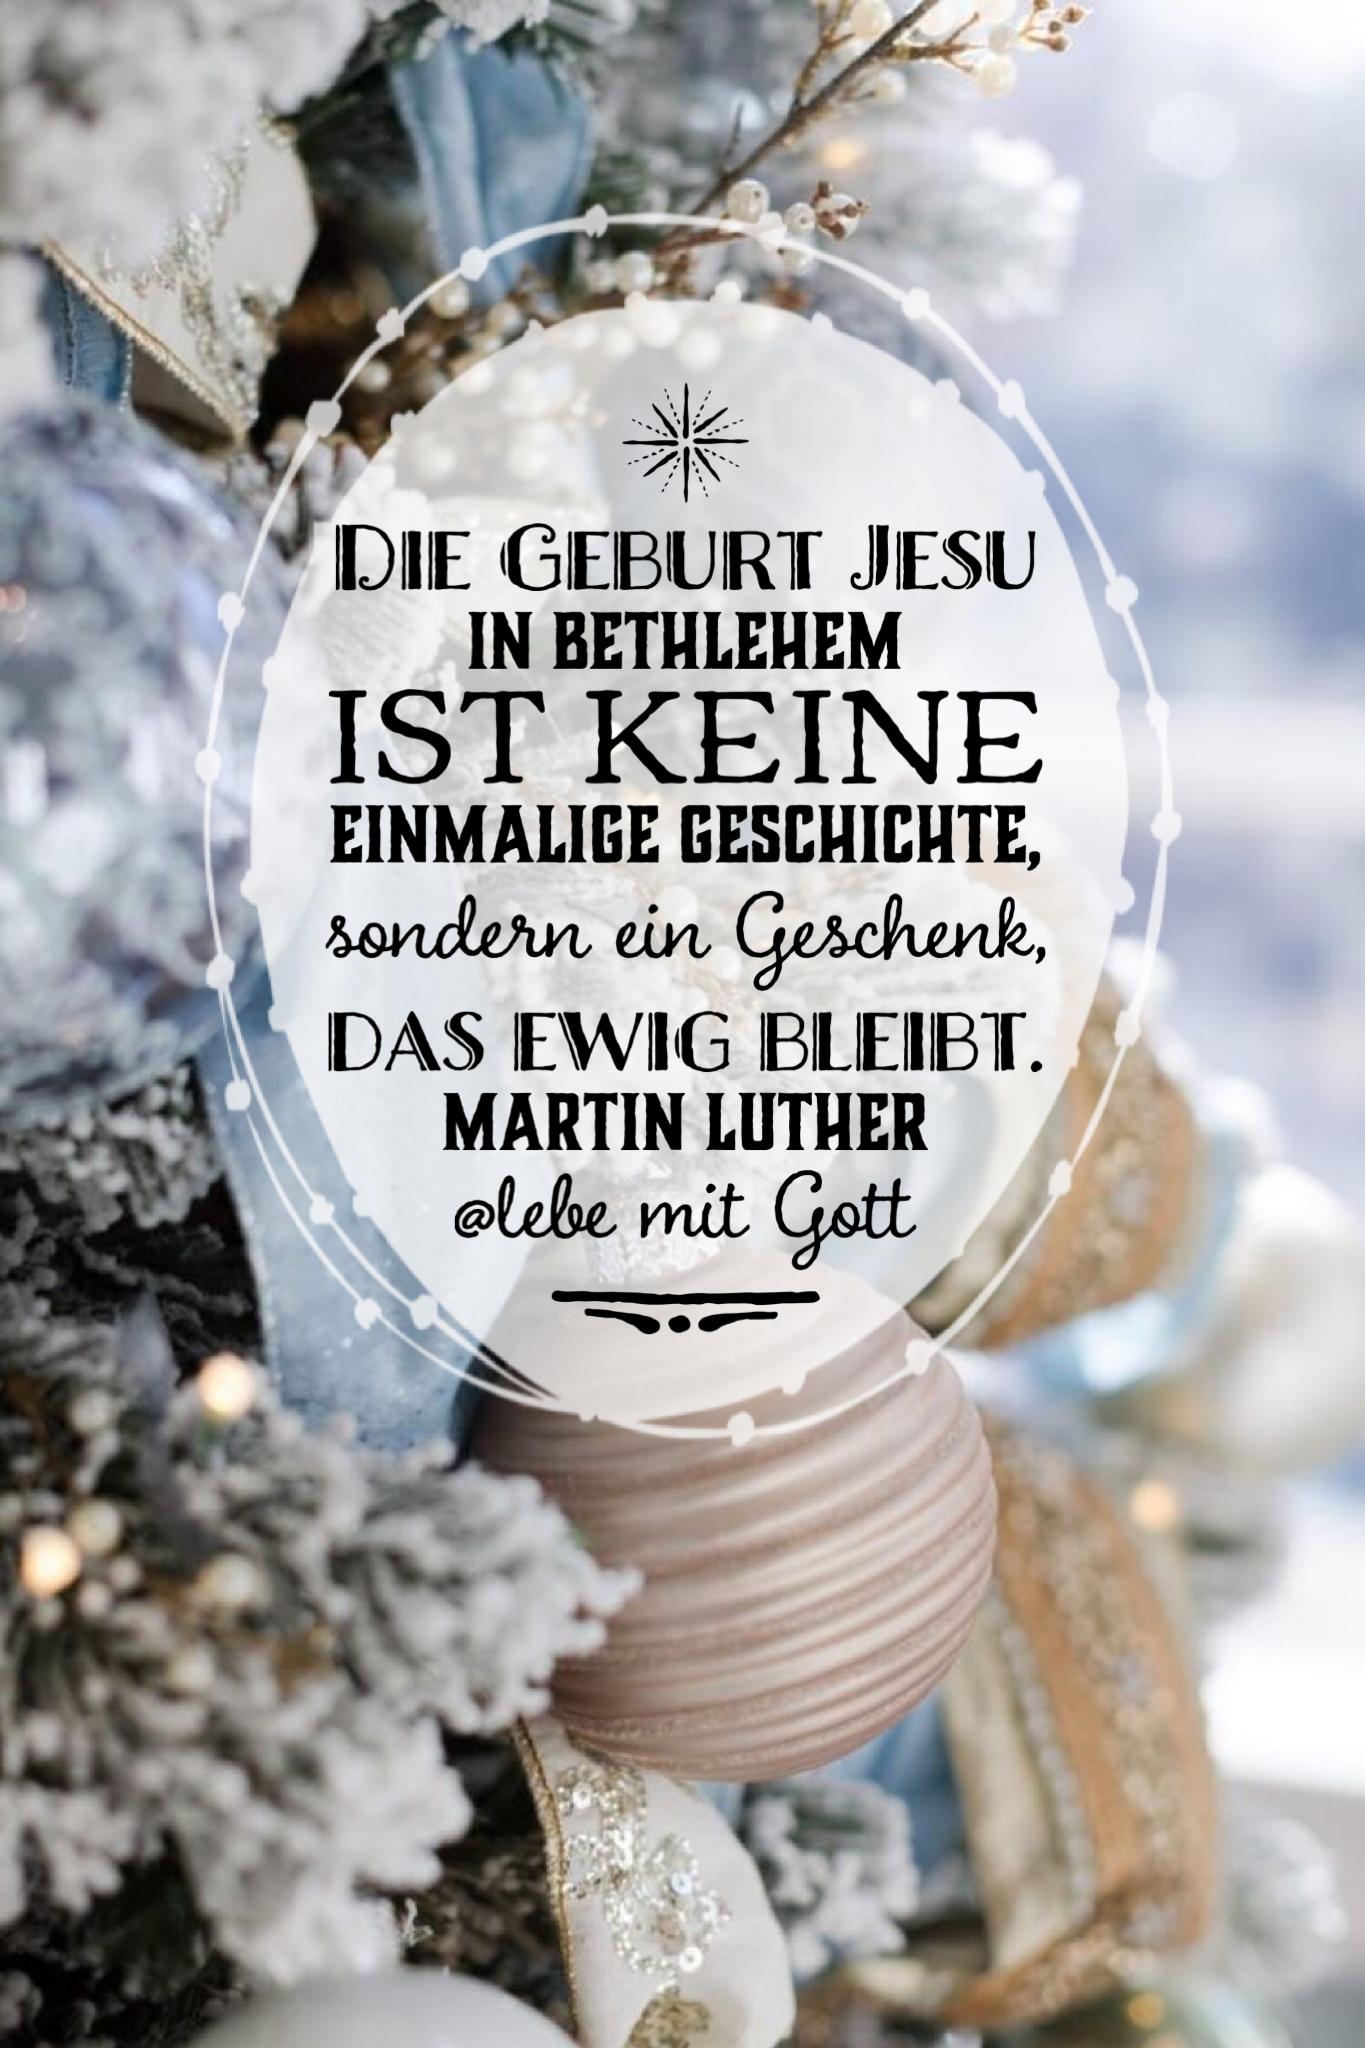 Lebe Mit Gott 1 Adventspruch Lebe Mit Gott Christliche Spruche Weihnachten Weihnachtsgrusse Spruche Zitate Weihnachten